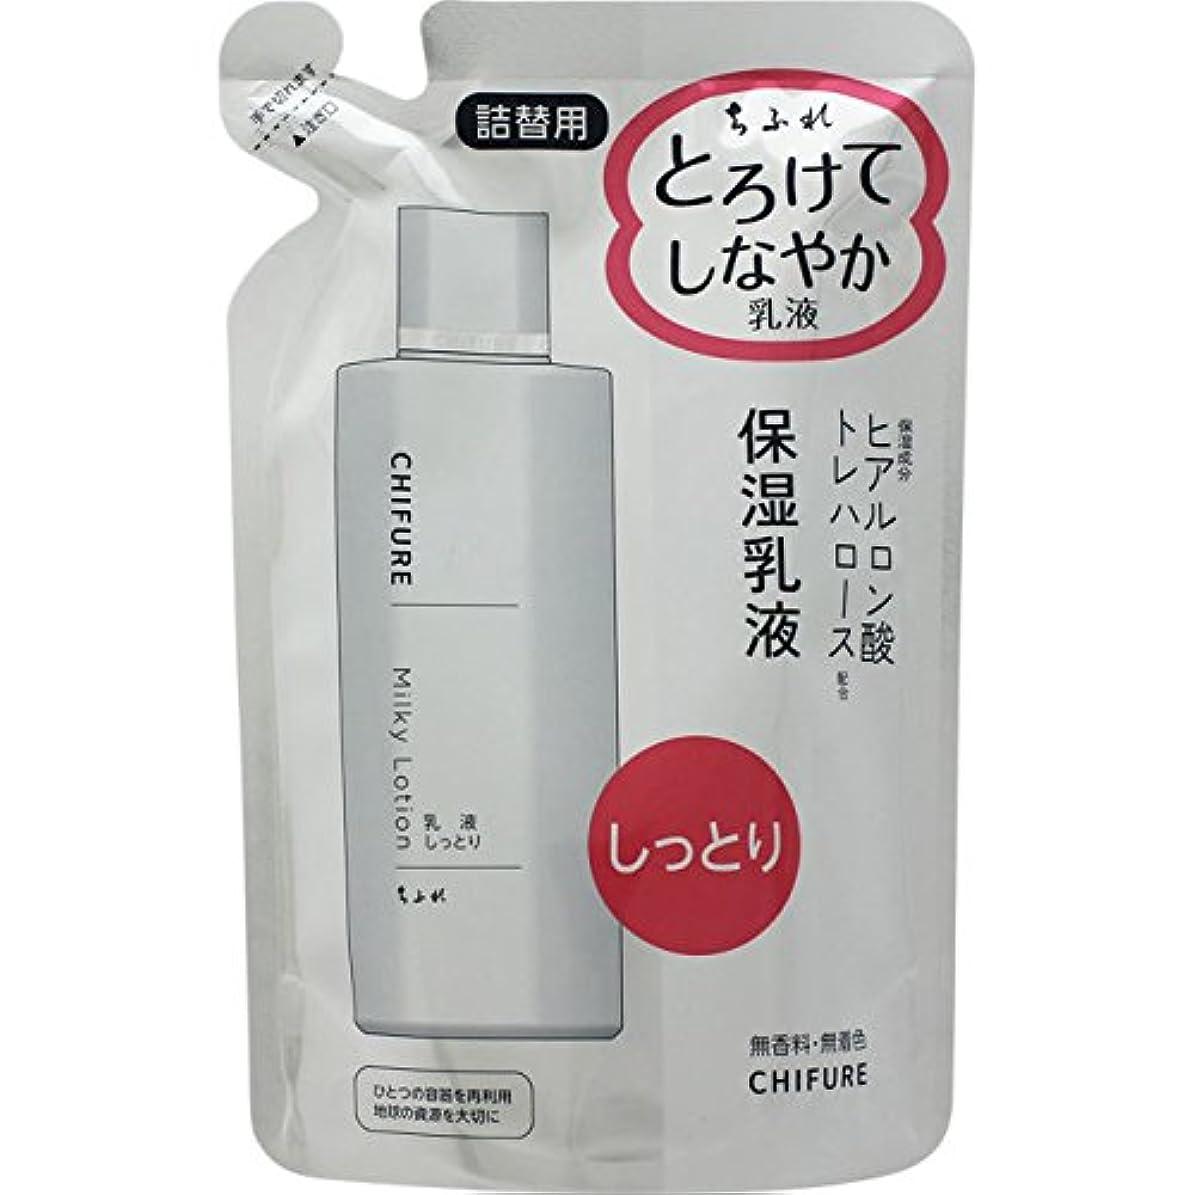 情報全国眠いですちふれ化粧品 乳液しっとりタイプN詰替用 150ml 150ML